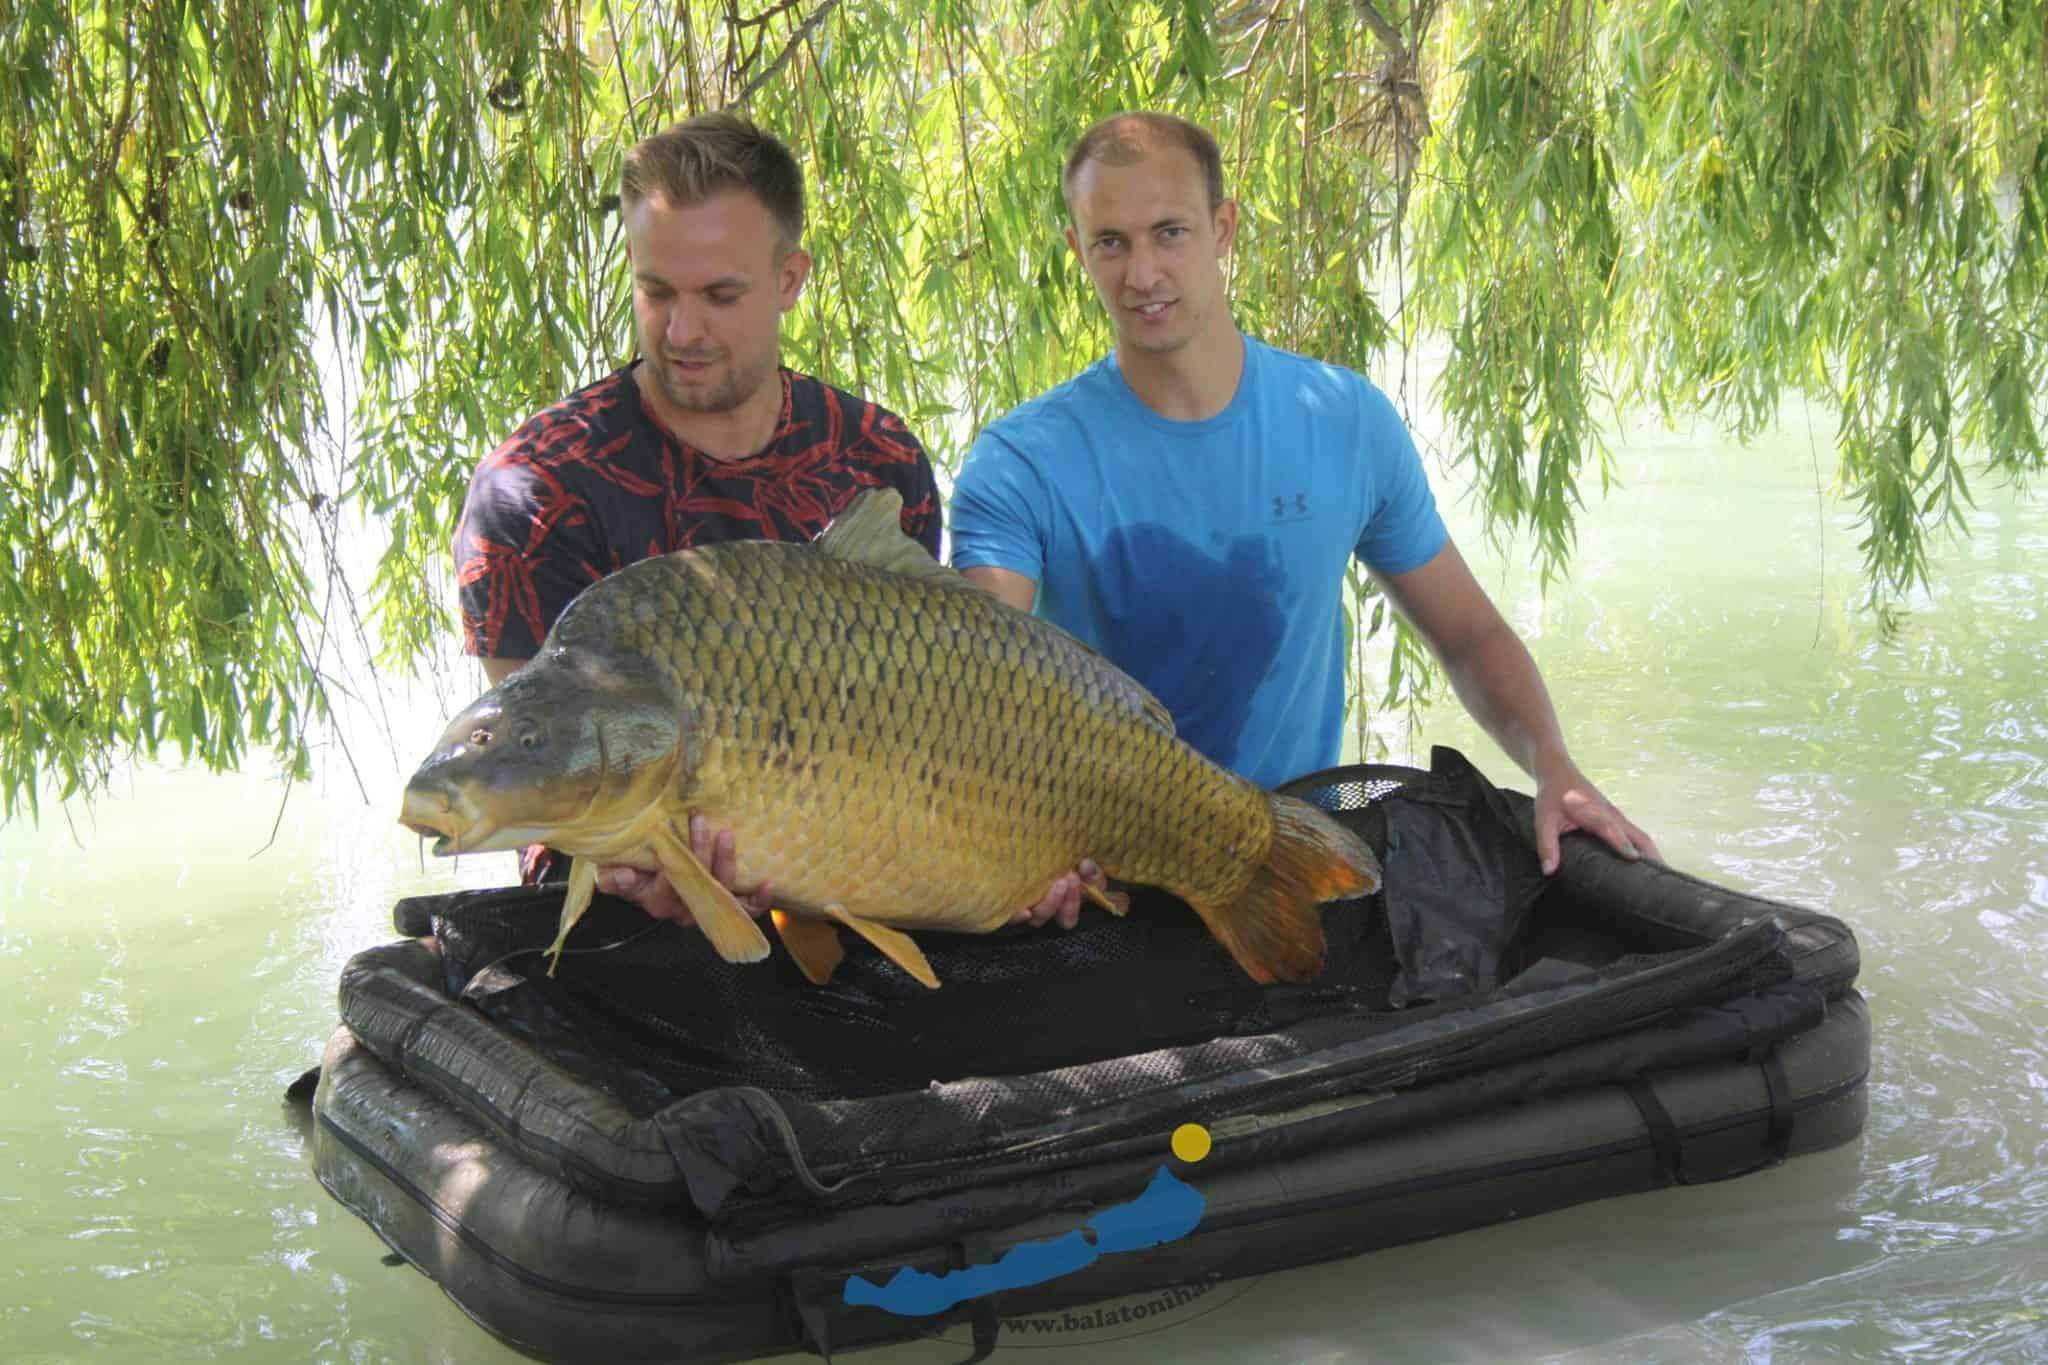 balatoni pontyrekord legnagyobb hal